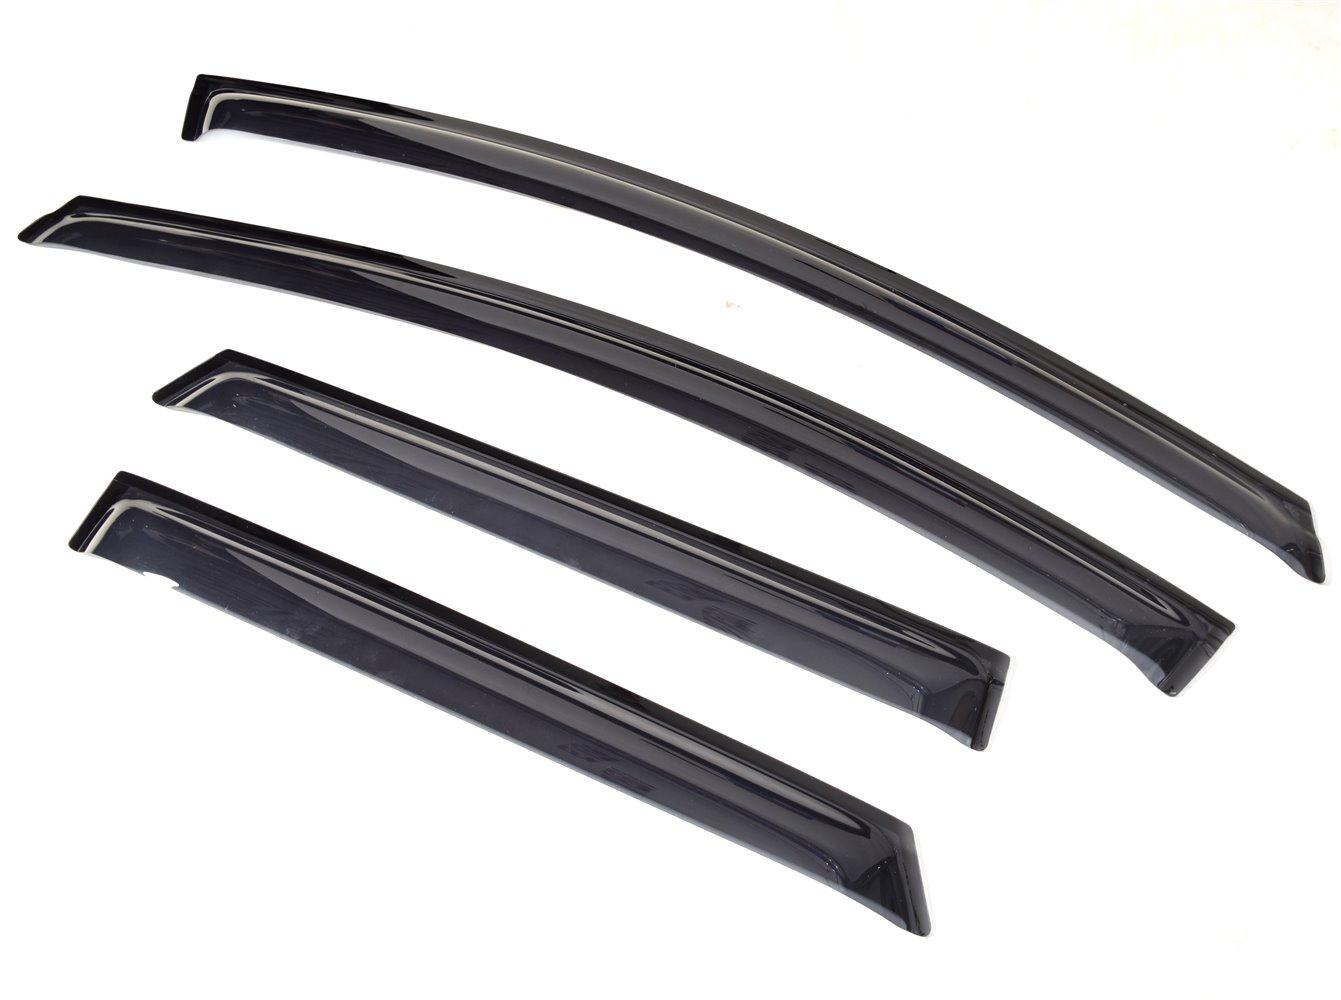 цены на Ветровик SIM Дефлекторы боковых окон Ford Focus III WG(2011-) темный 4 части  в интернет-магазинах